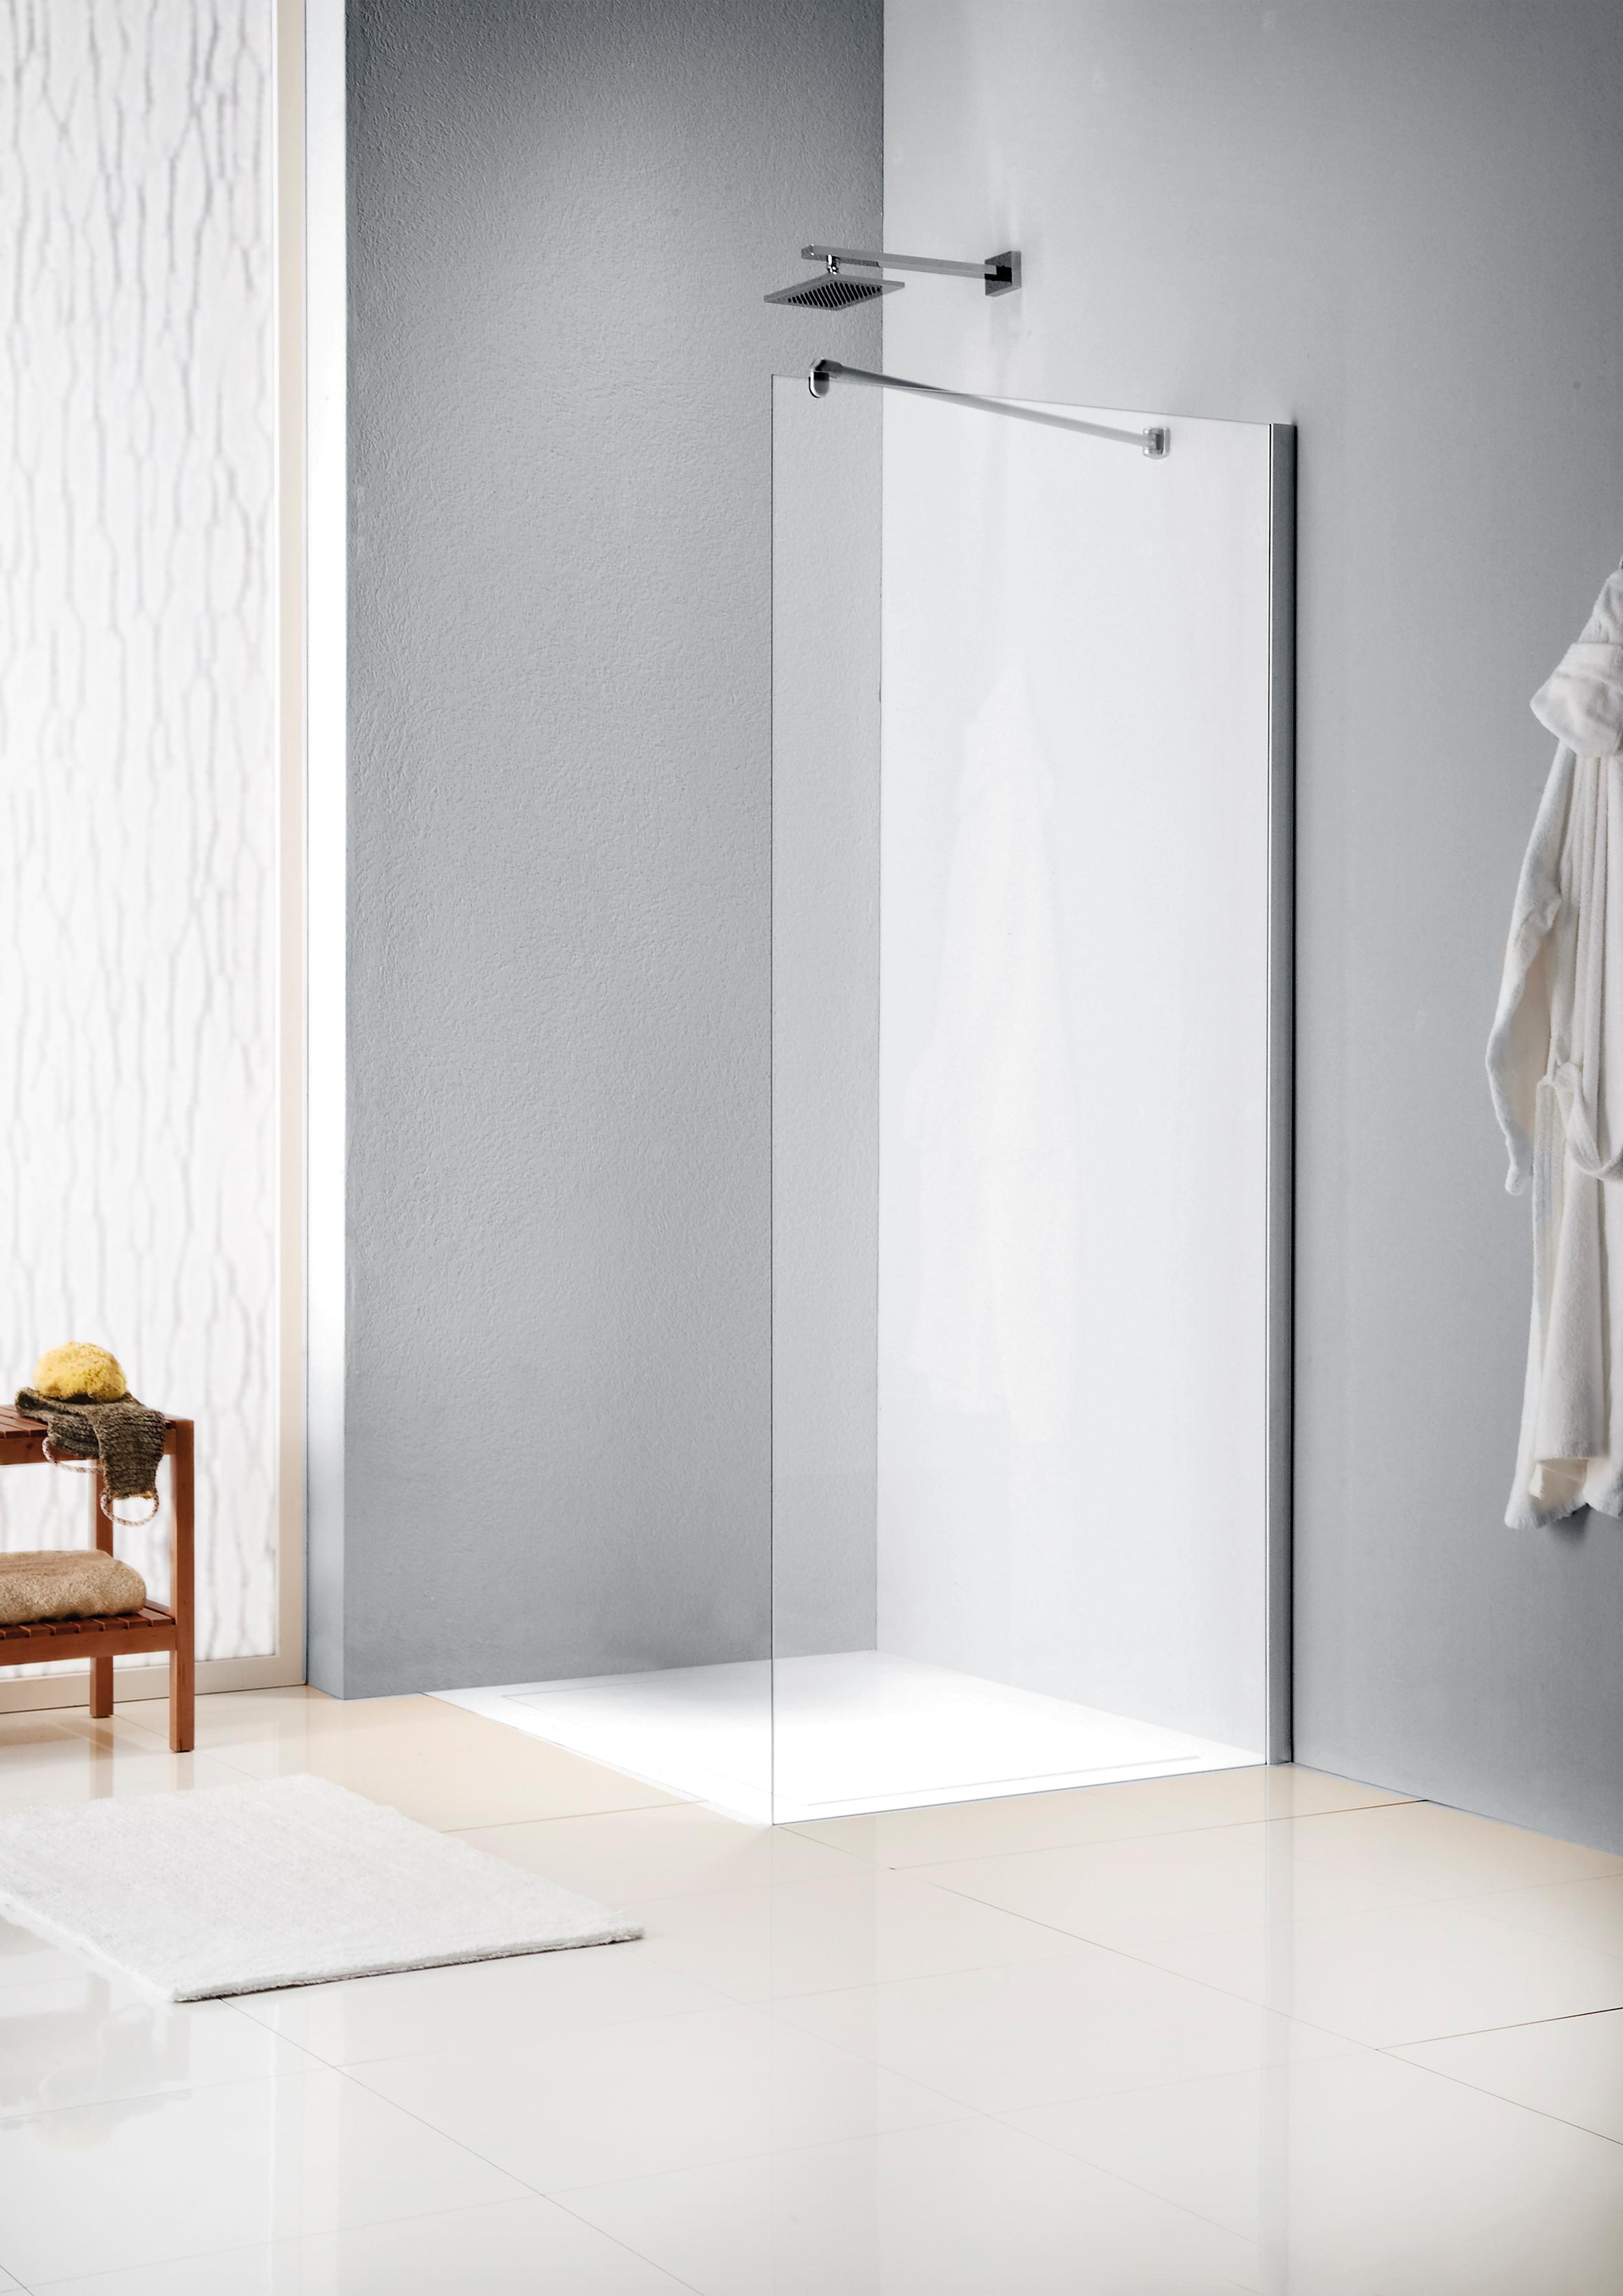 Sealskin Get Wet W205 inloopdouche 80x200cm mat zilver profiel en chinchilla glas voorzien van antik